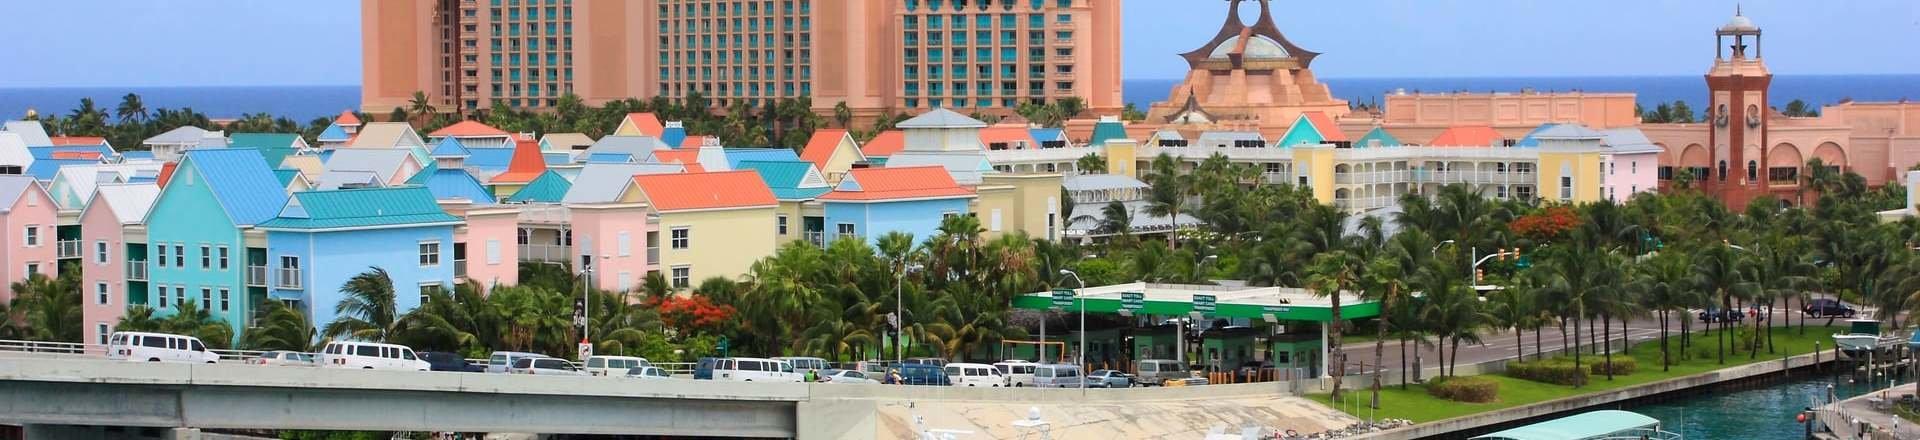 Hotelbeschrijving Fair Resort Hotel